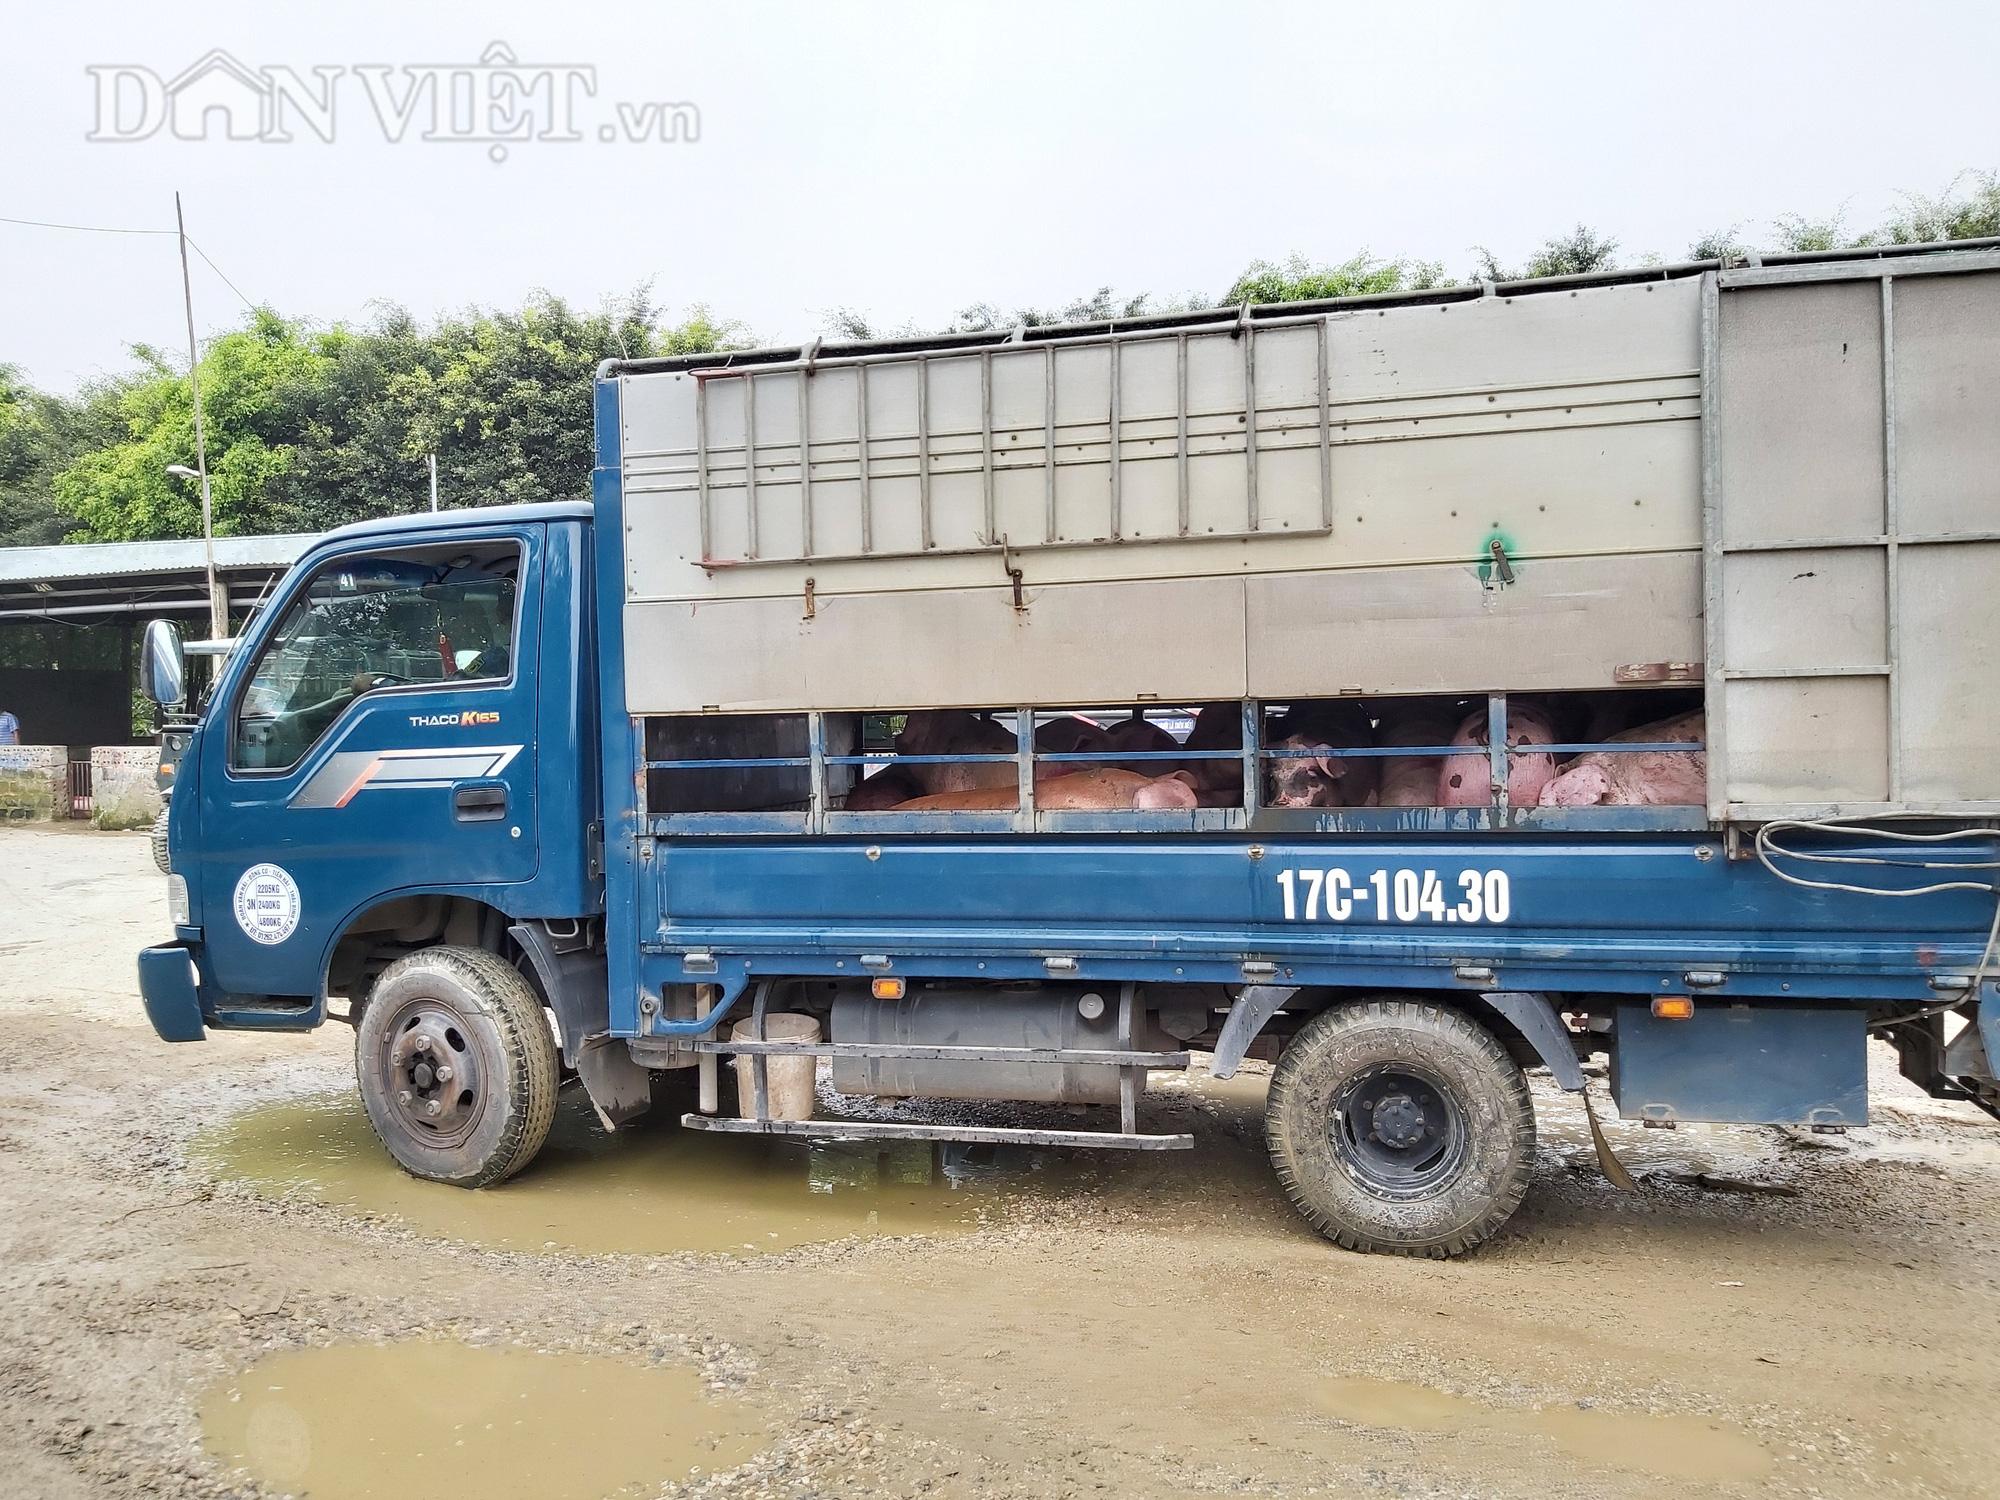 Chợ đầu mối lợn lớn nhất phía Bắc: cảnh mua bán tấp nập, giá lợn hơi tại chợ giảm từ 2.000 đồng - 4.000 đồng/kg - Ảnh 5.